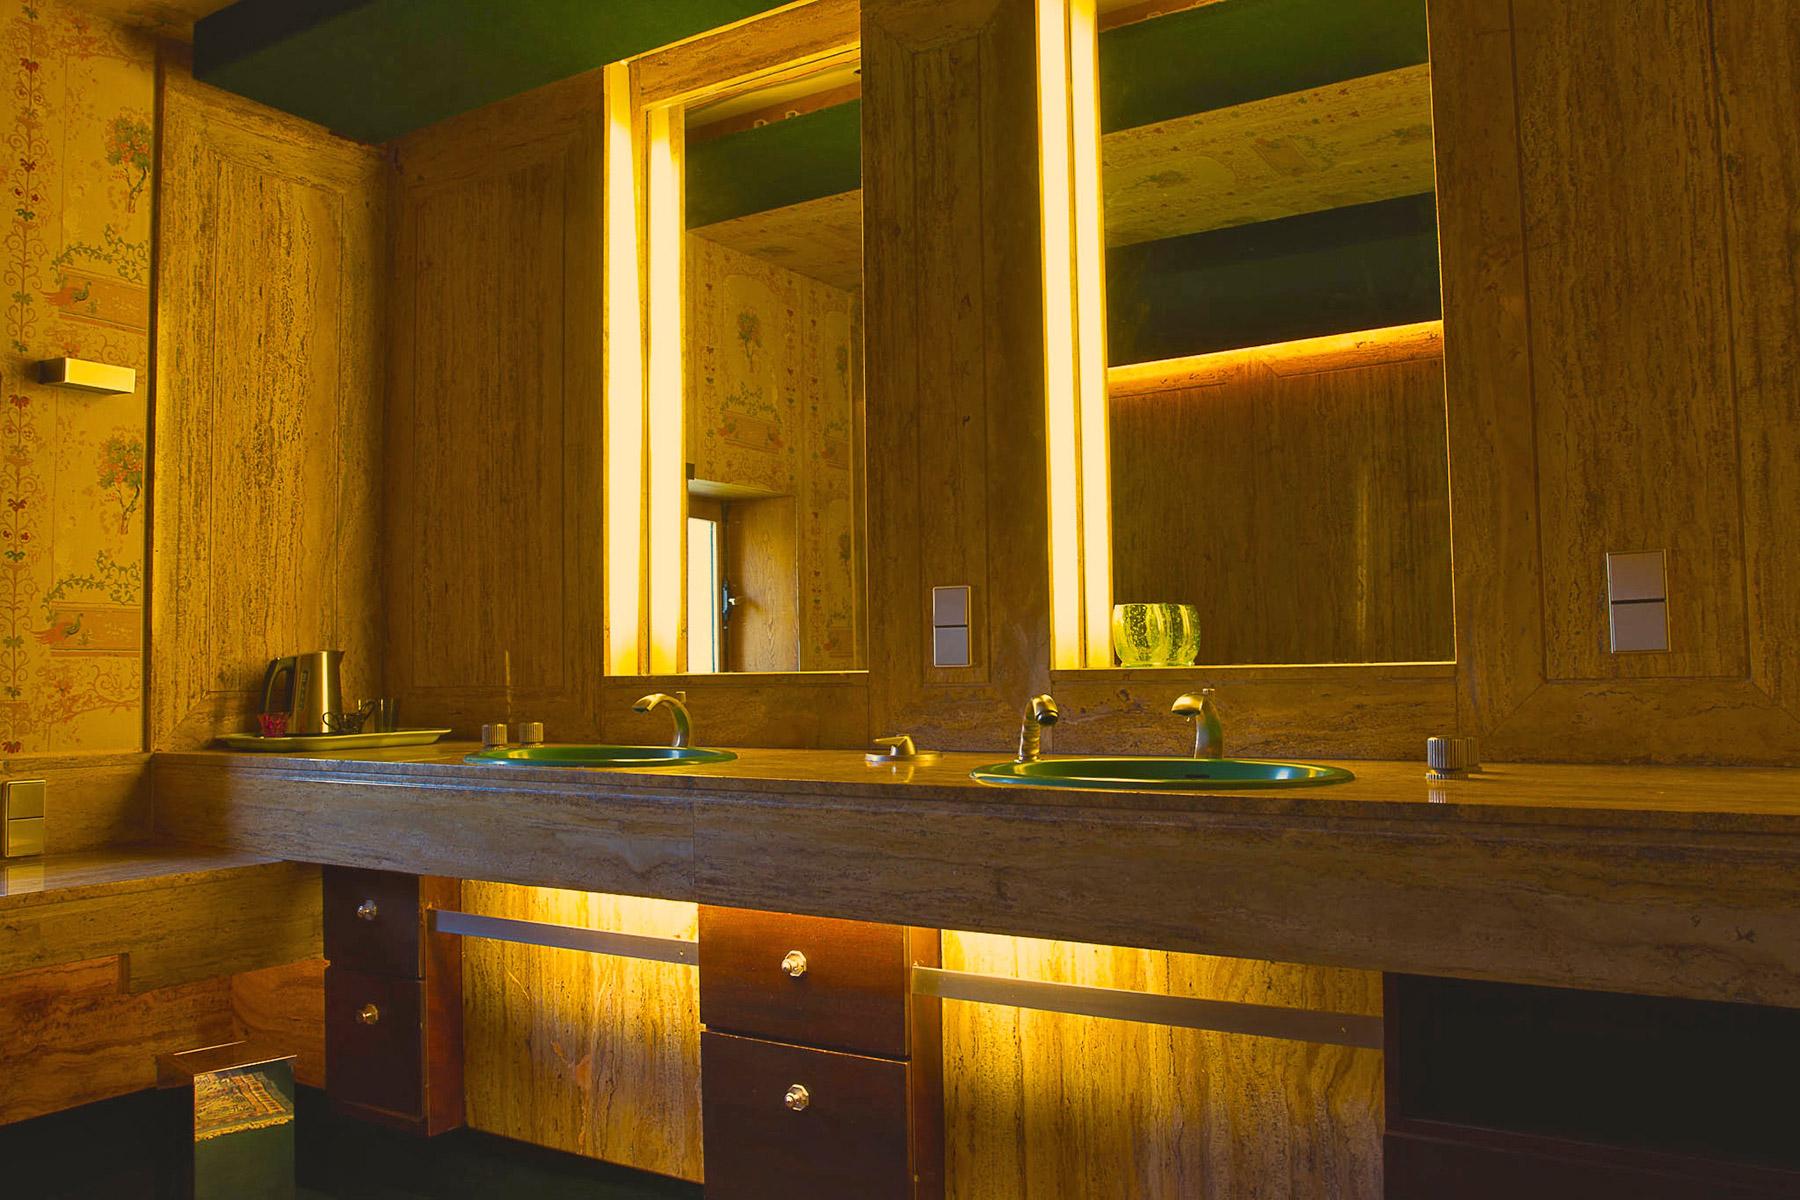 Salle De Bain Blanche Grise Et Bois ~ Salle De Bain Valence Excellent Carrelage Salle De Bain Brico Depot